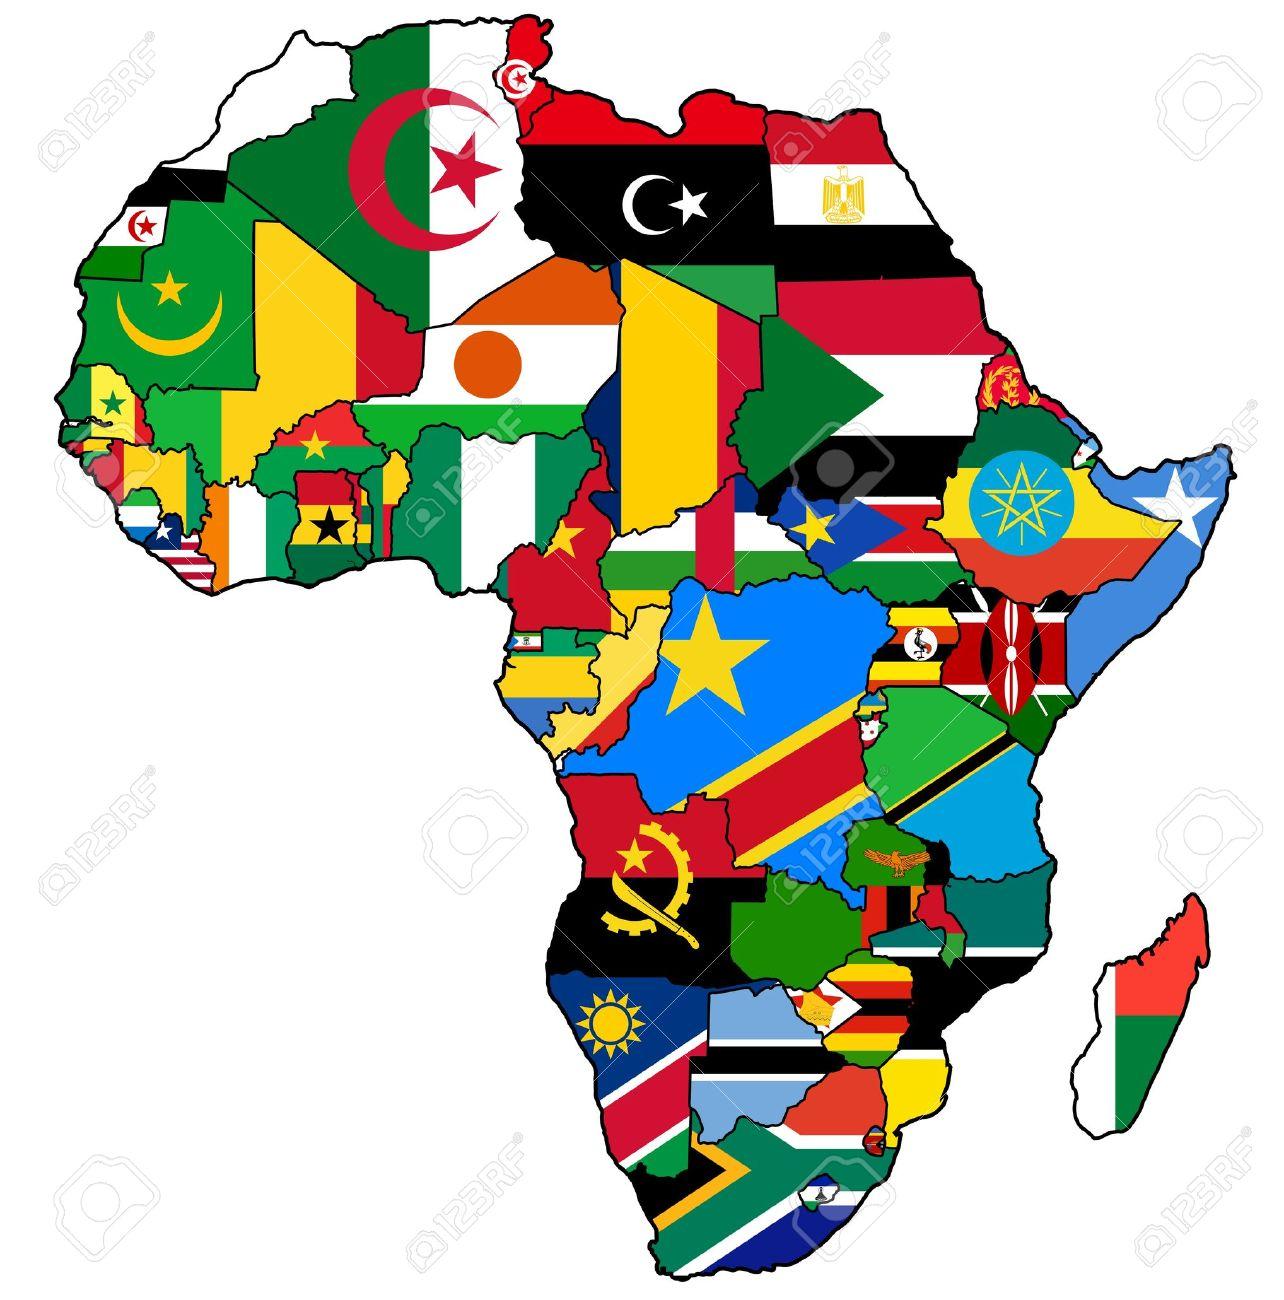 Carte Union Africaine.Union Africaine Sur La Carte Politique Reelle Millesime De L Afrique Avec Des Drapeaux